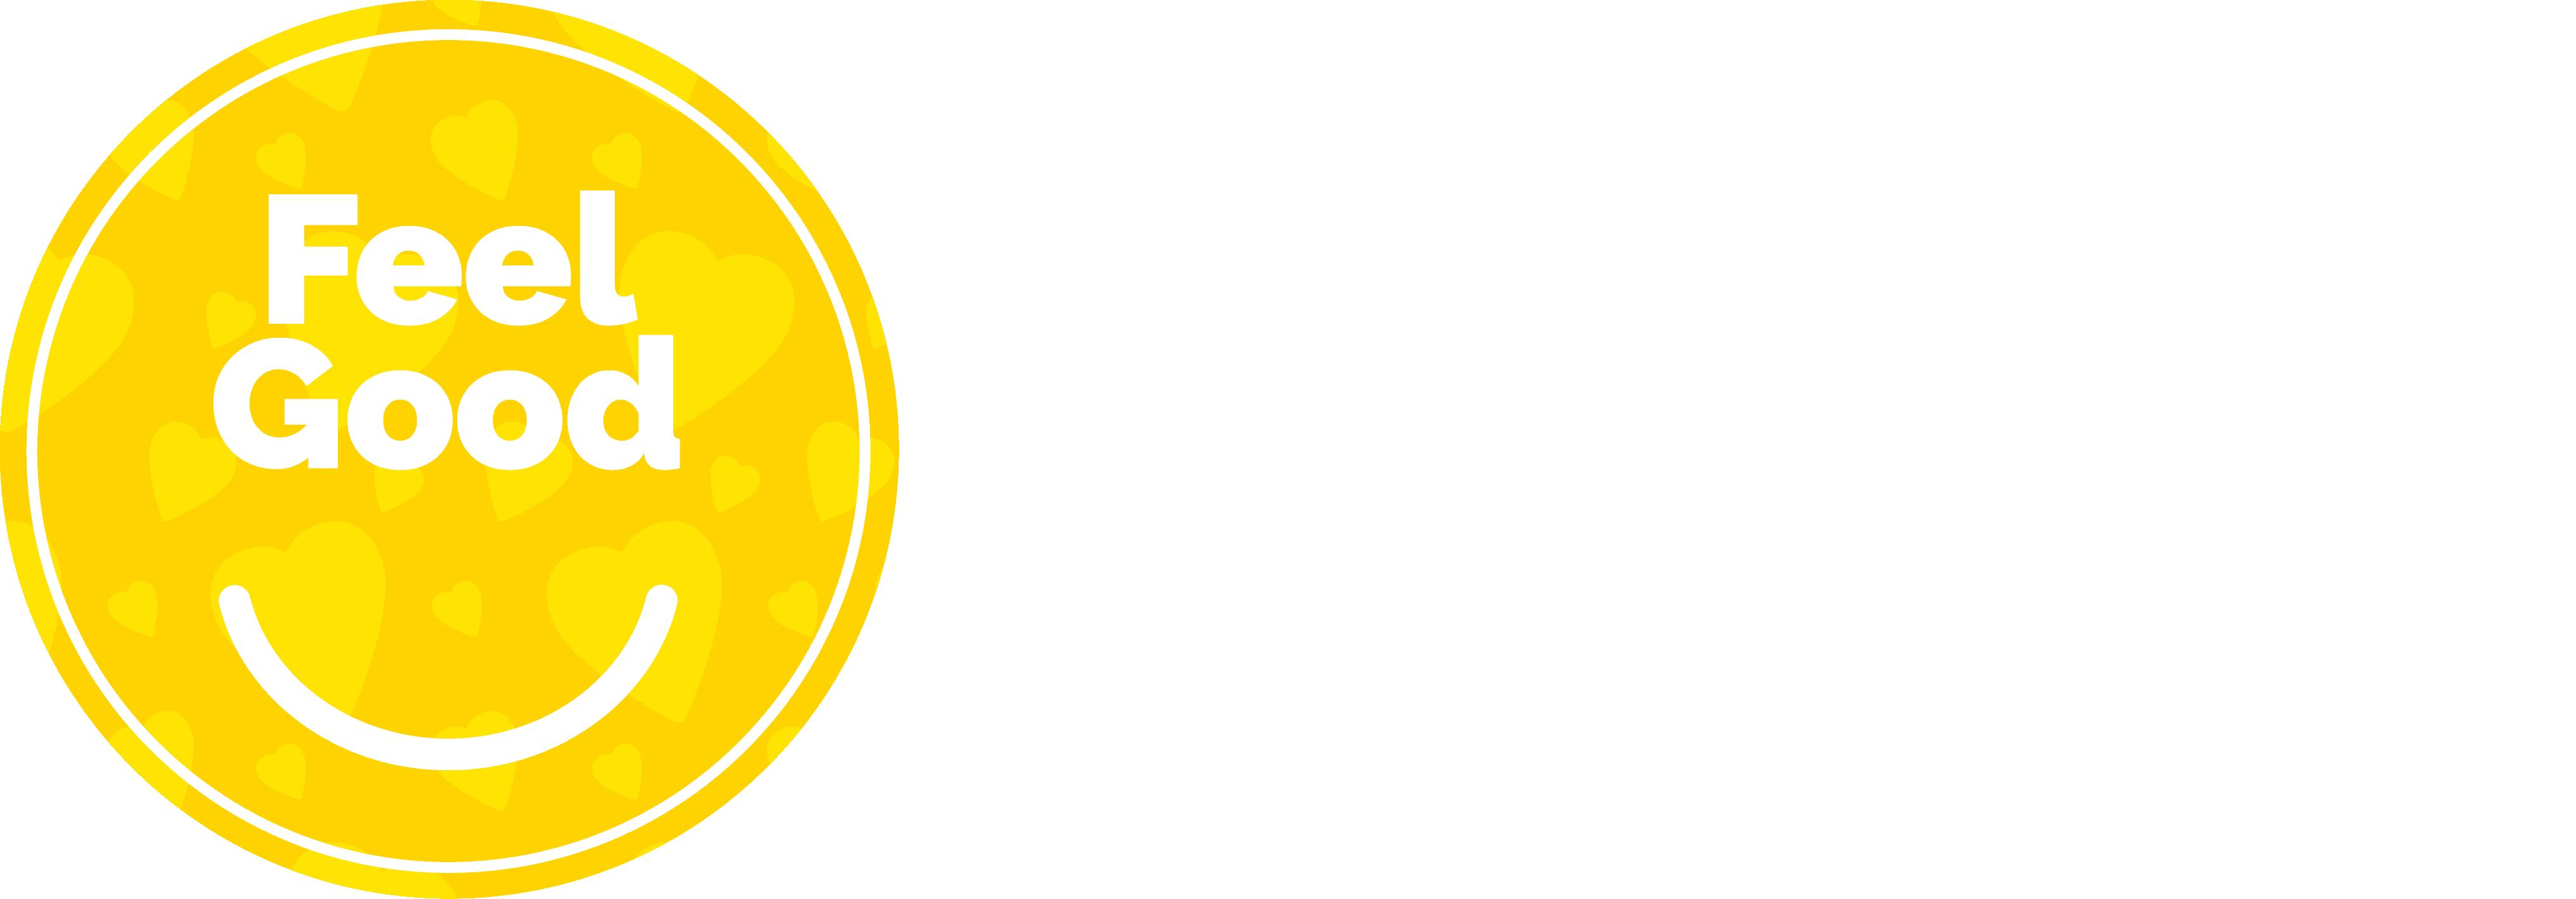 DeFeelGoodCoach.com